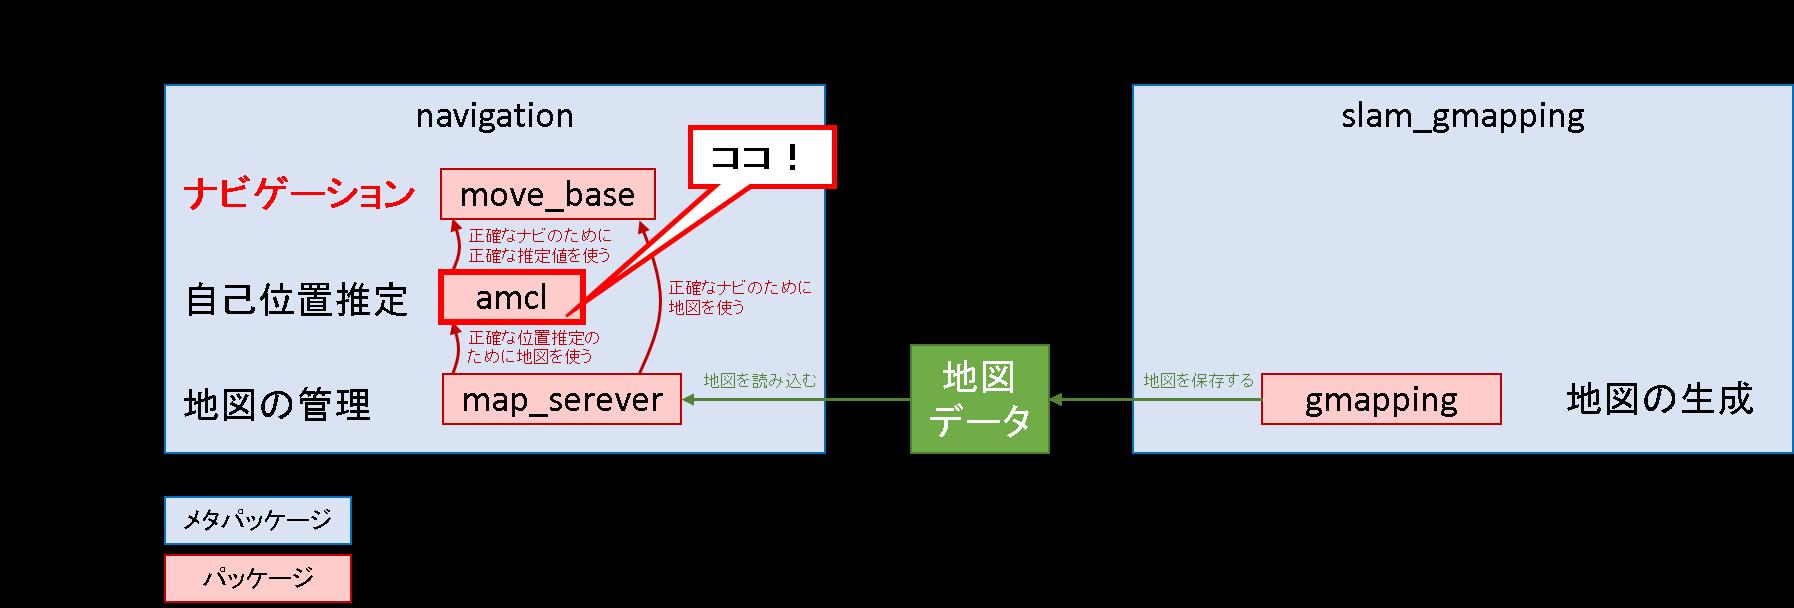 02_位置づけ2.png